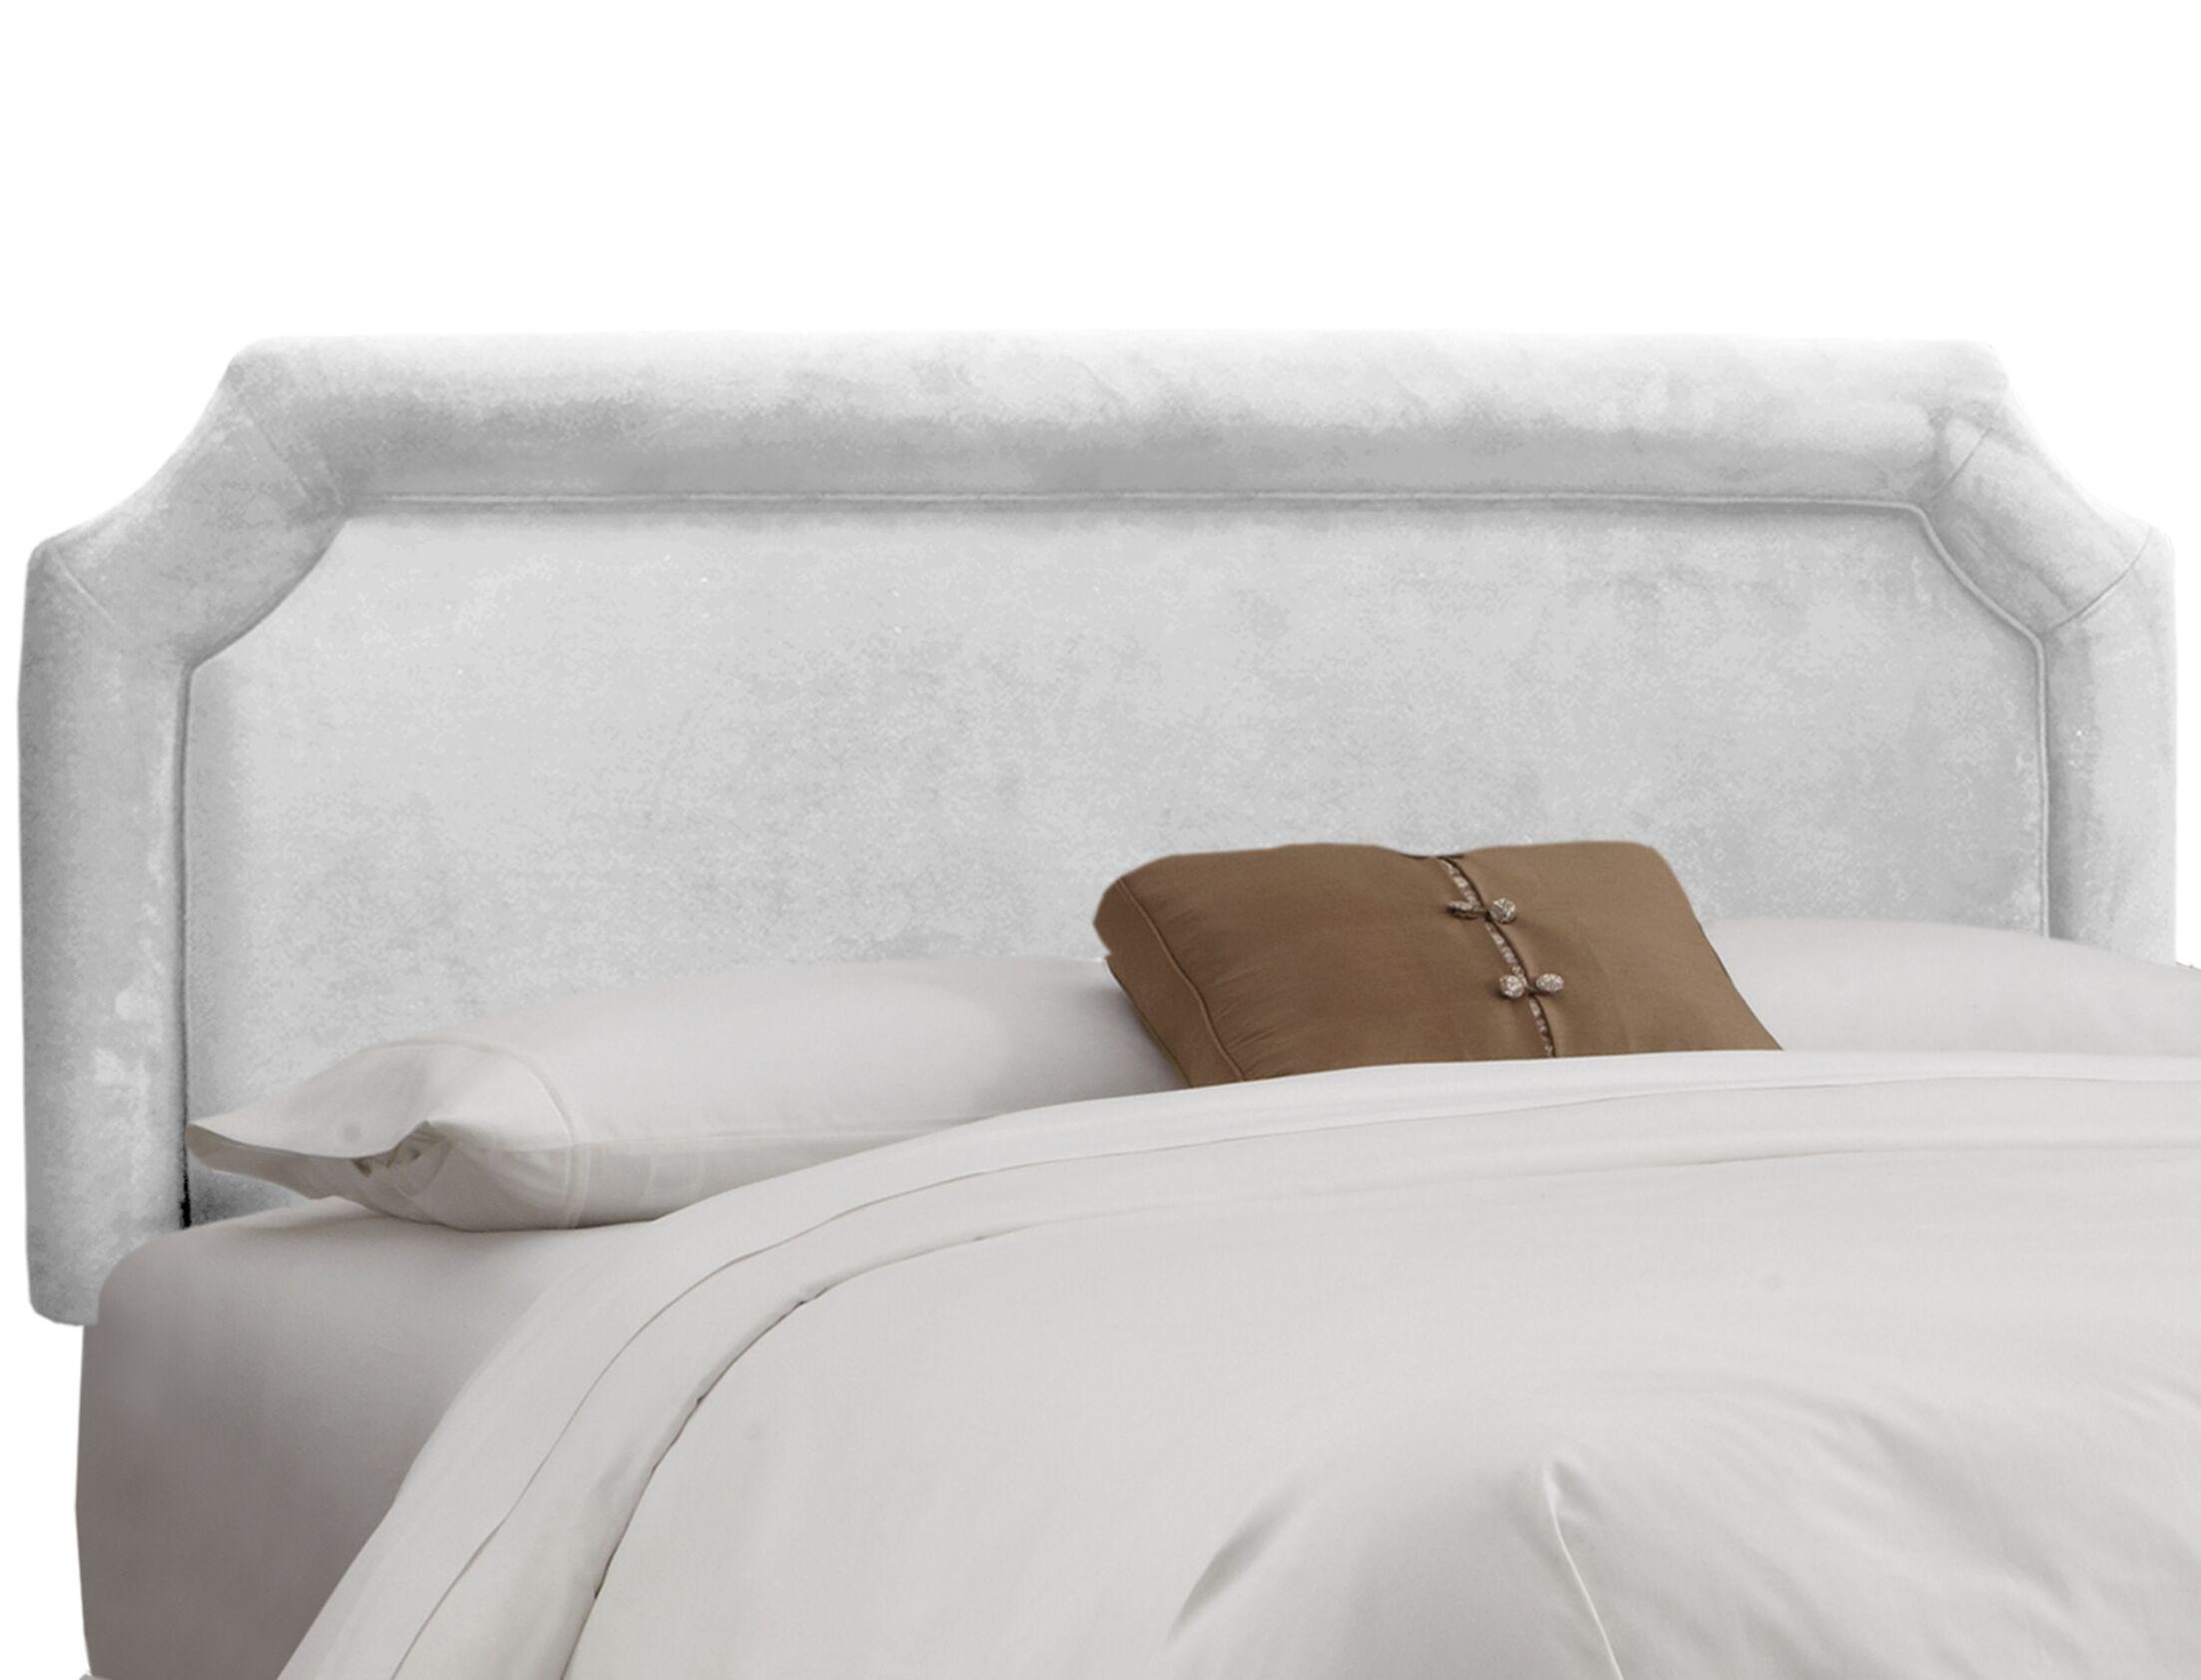 Fairview Upholstered Panel Headboard Upholstery: Velvet White, Size: Twin